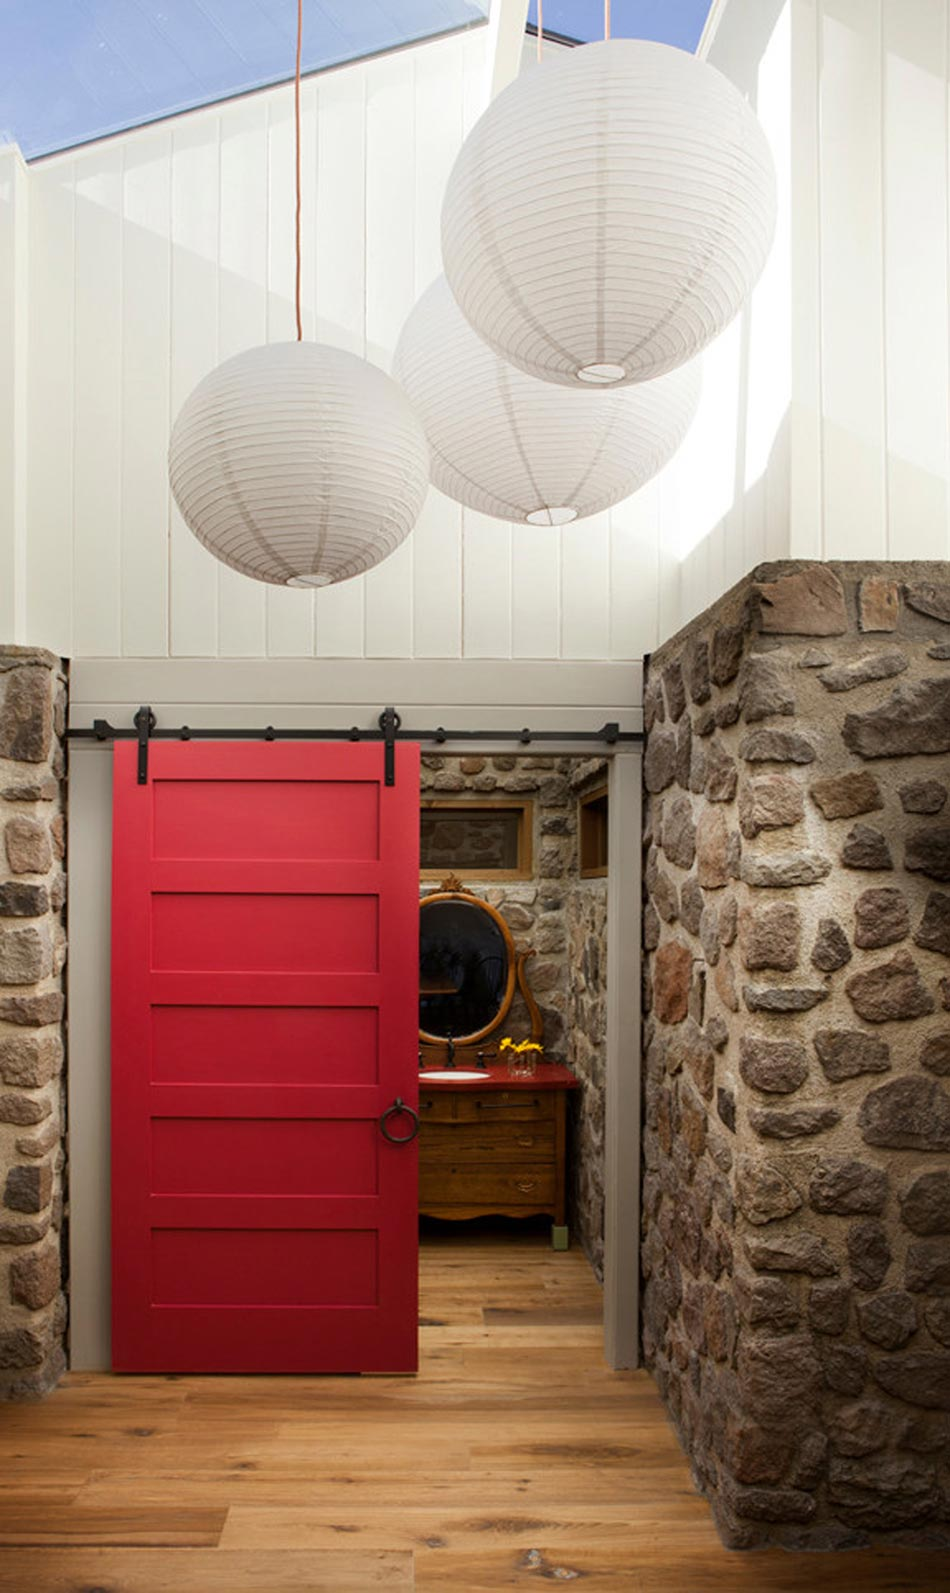 Porte coulissante int rieur - Porte coulissante interieur brico depot ...